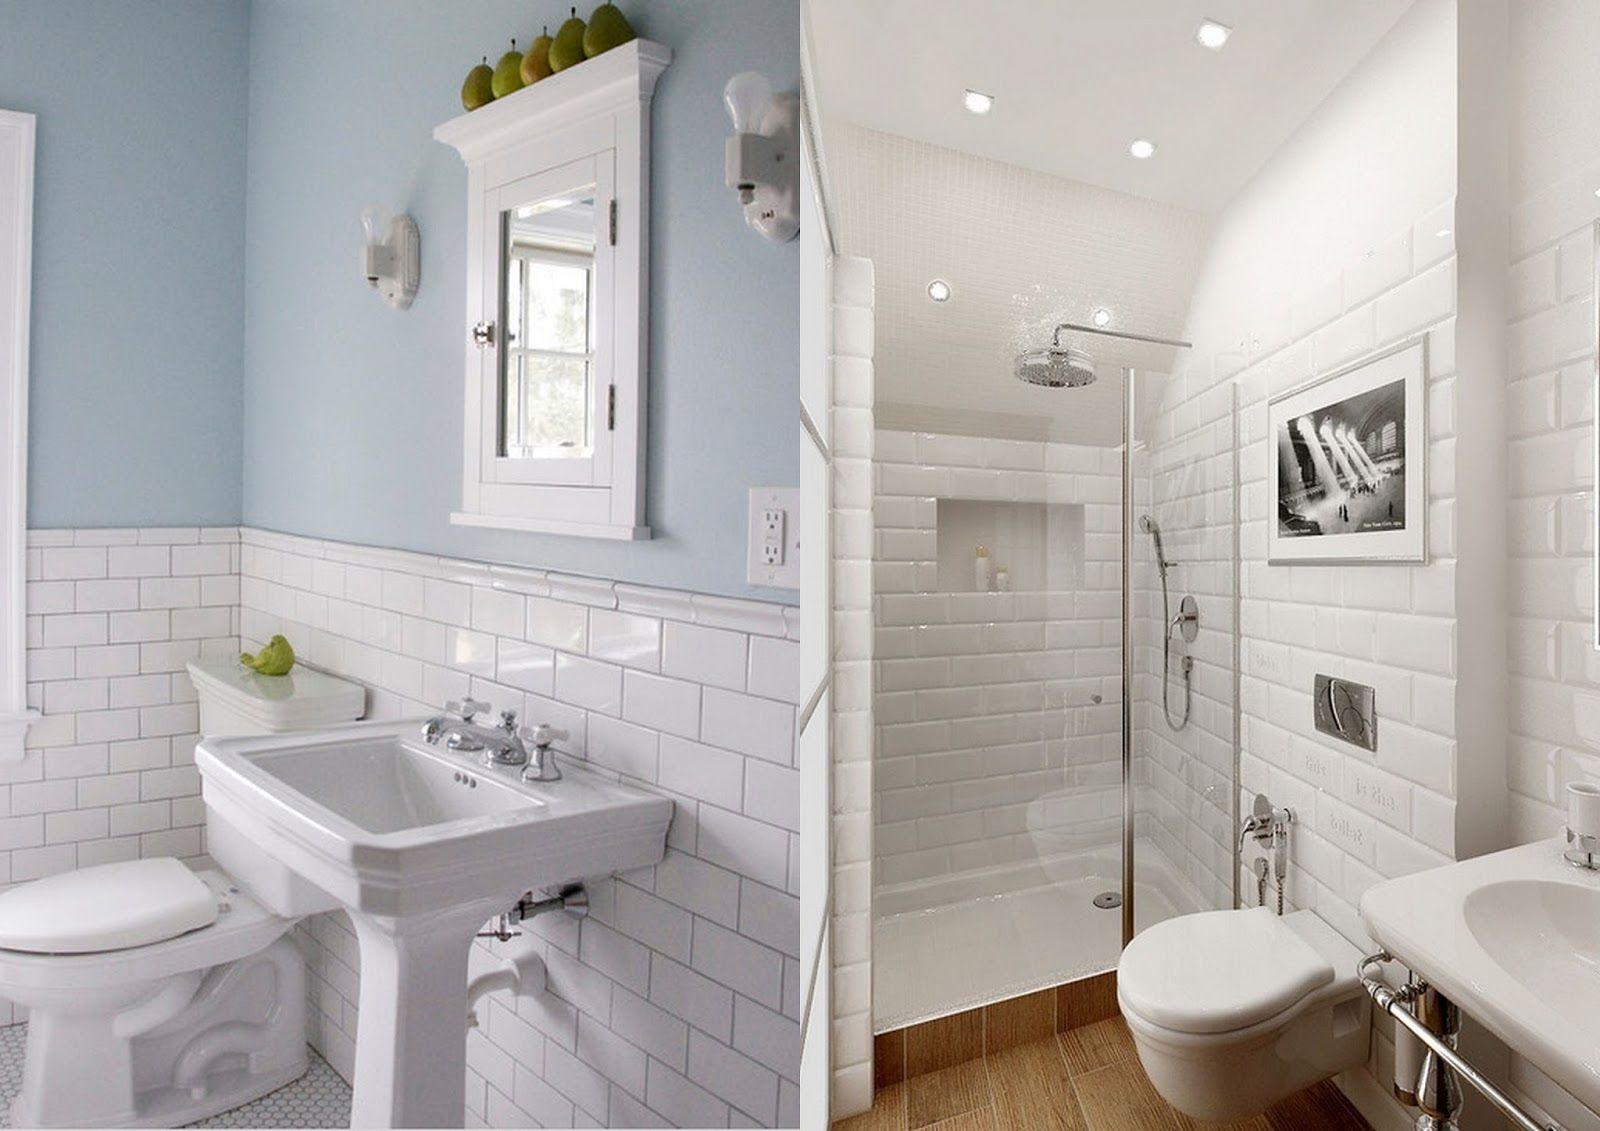 ceramica metro white eliane azulejo branco metro ny paris banheiro banheiros pinterest. Black Bedroom Furniture Sets. Home Design Ideas